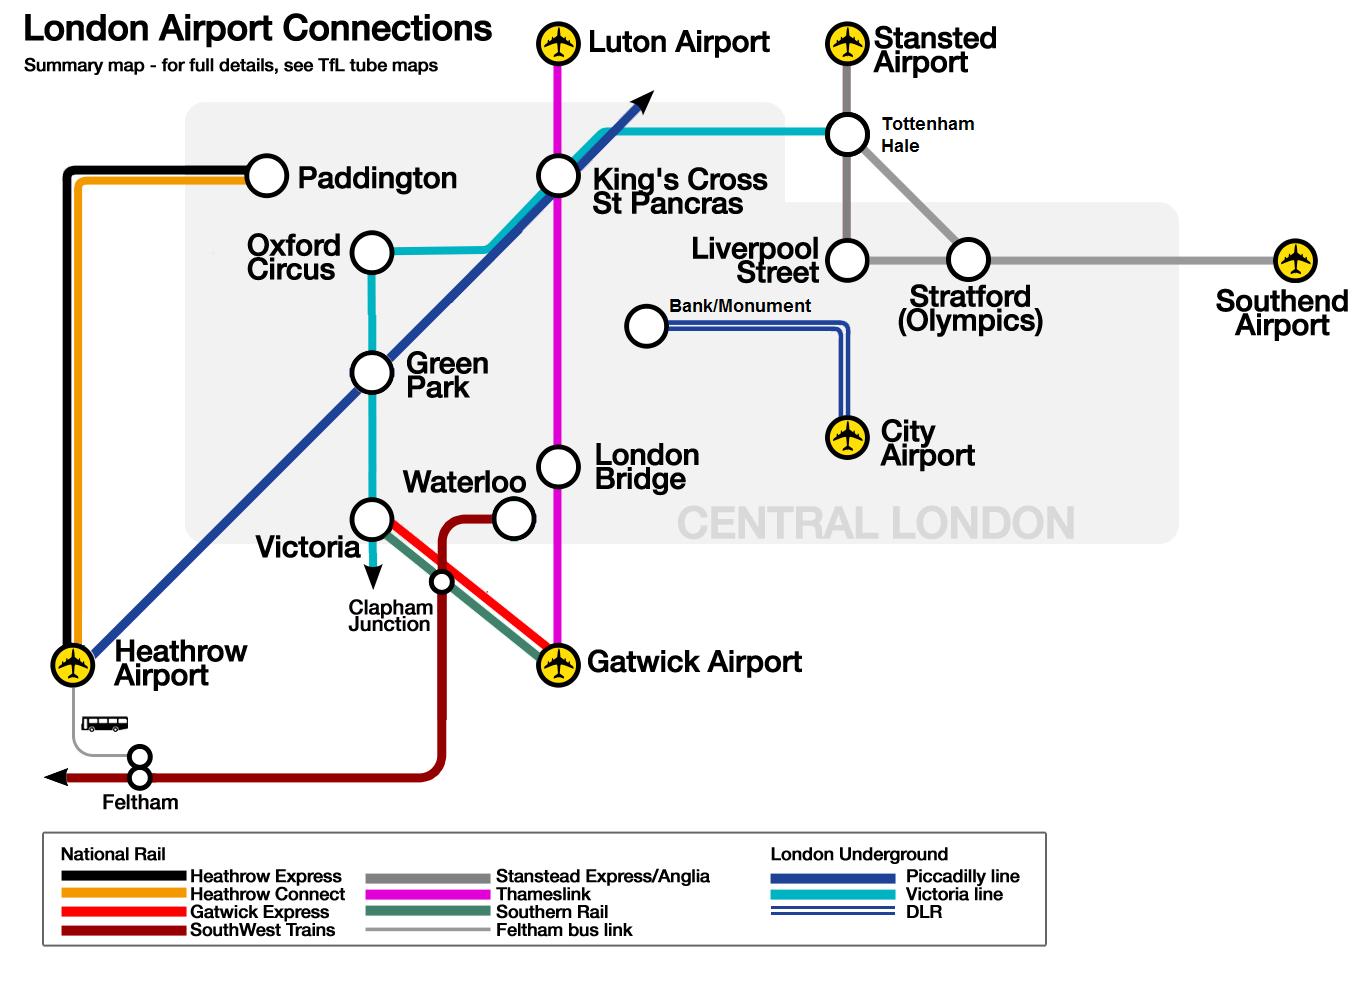 Aeropuertos y aerolíneas de Inglaterra - Aeropuertos.Net